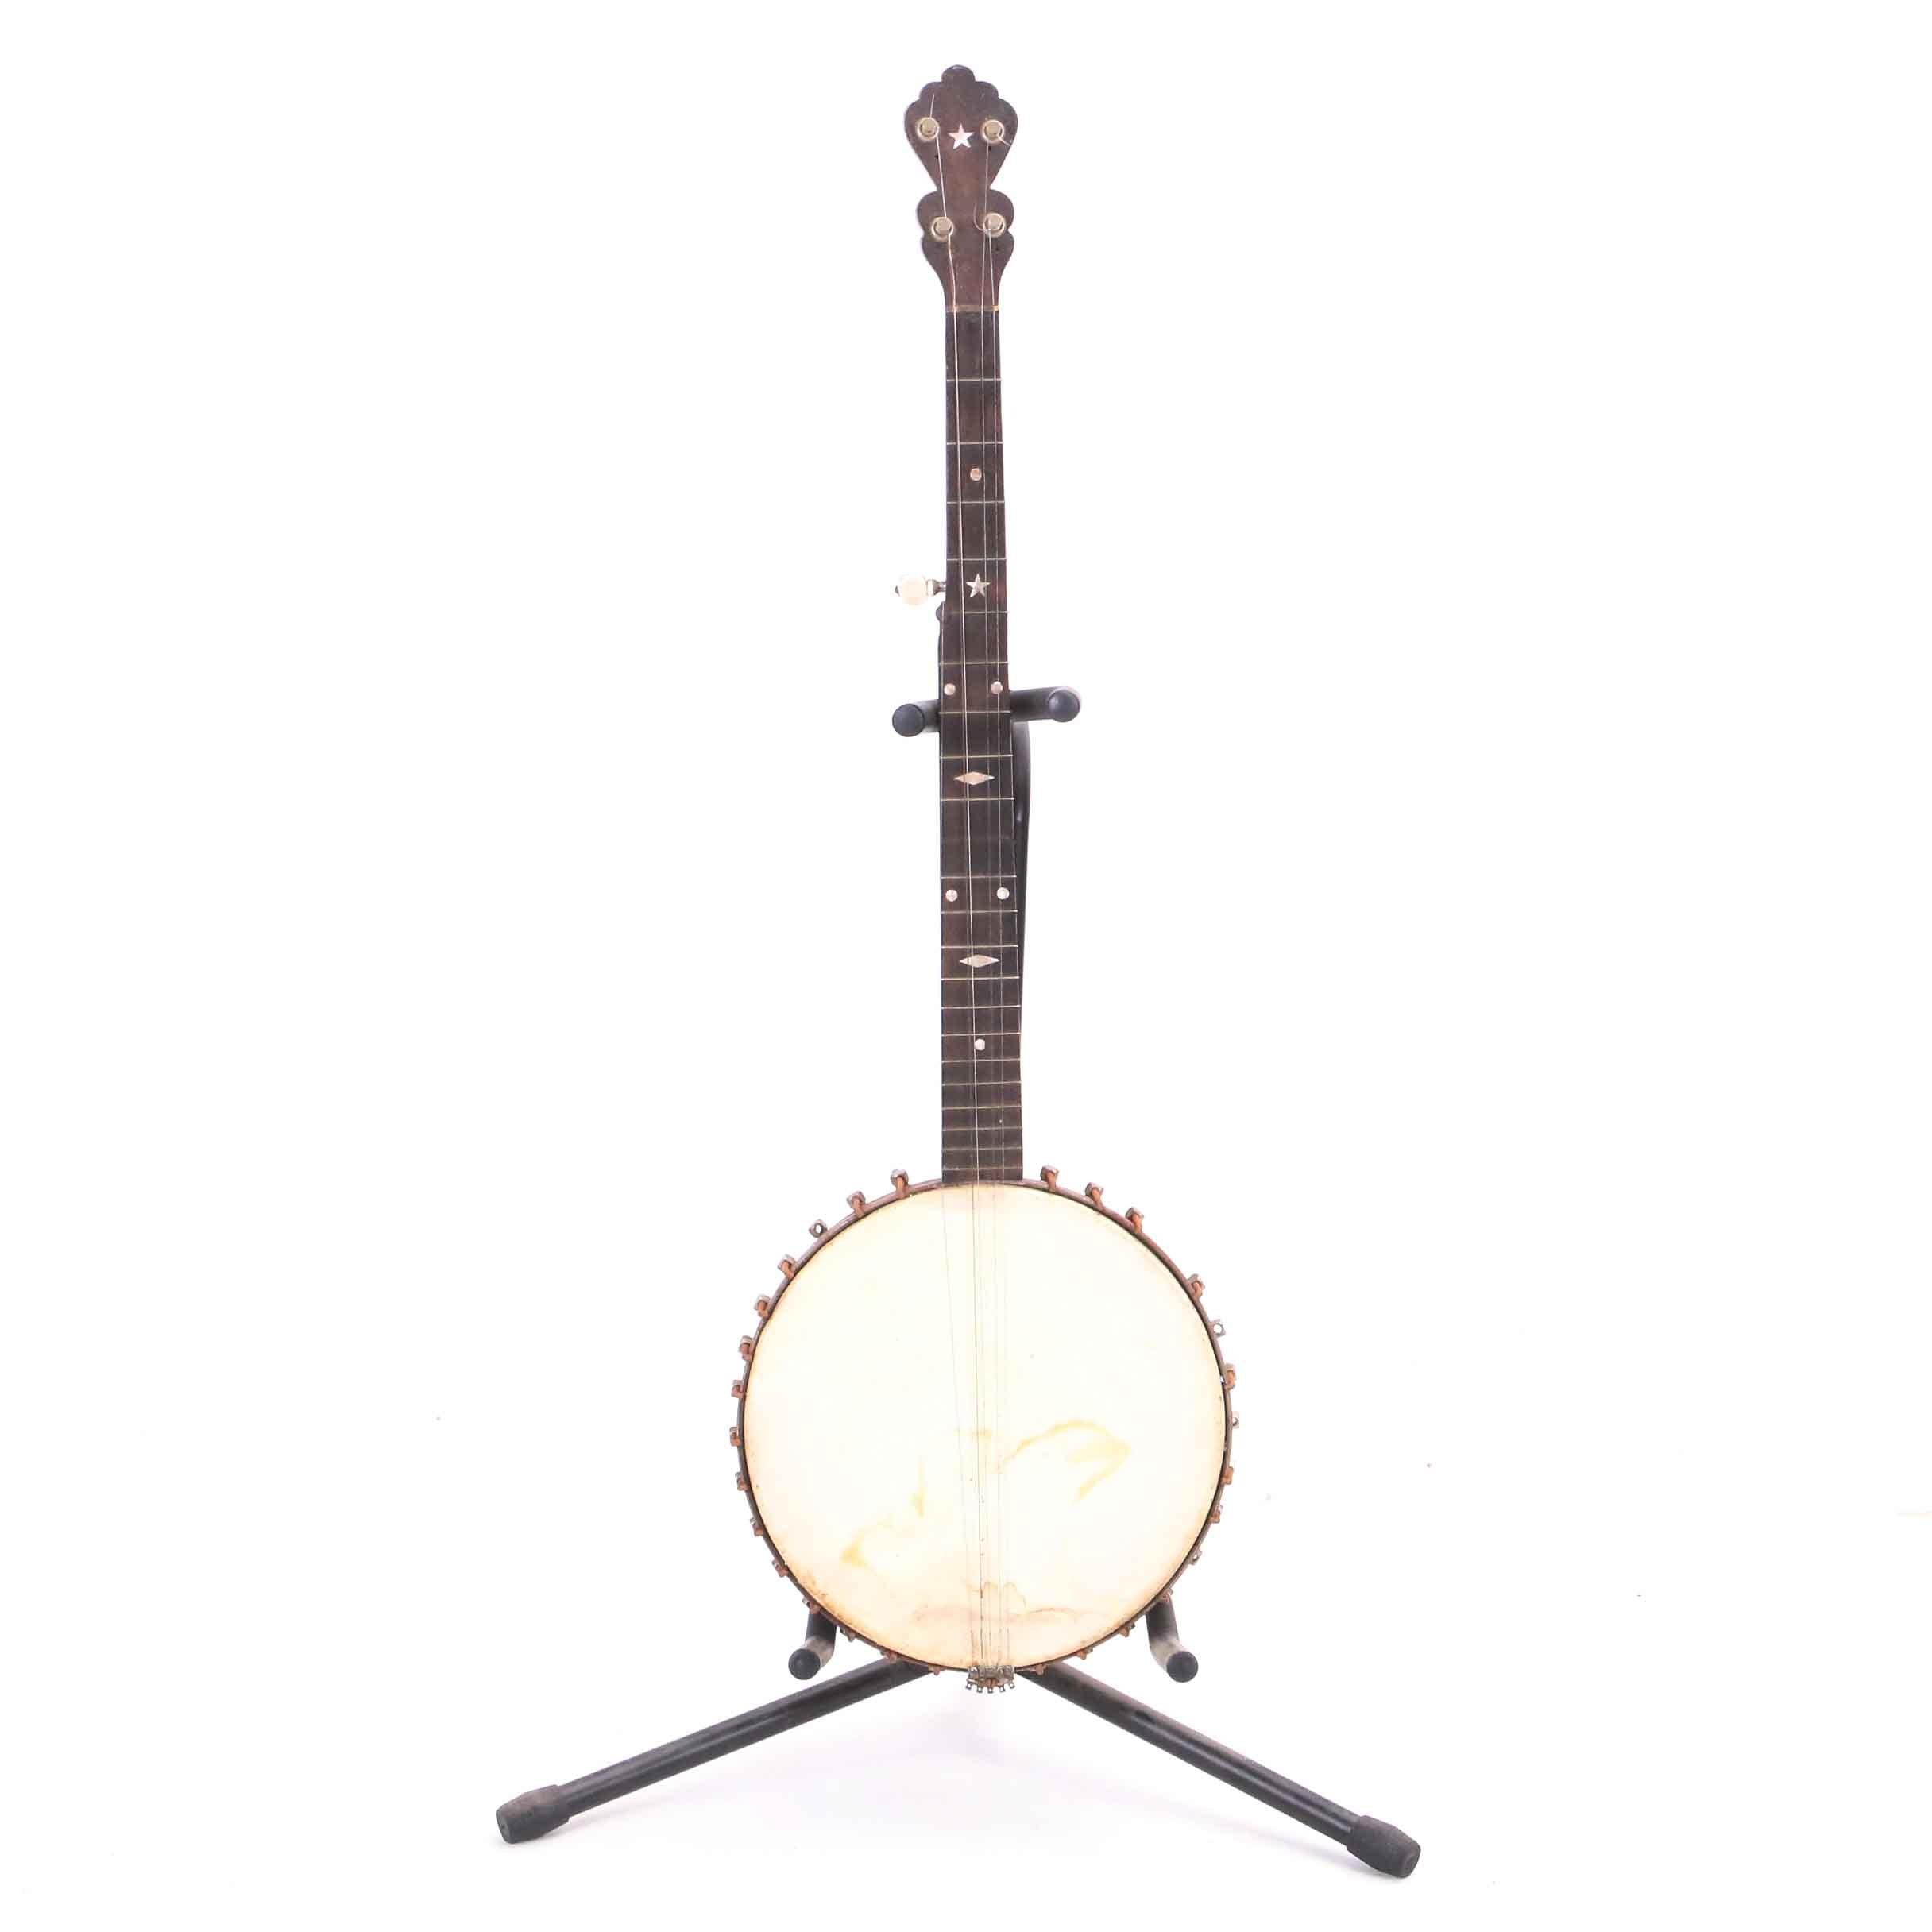 Vintage 5-String Banjo